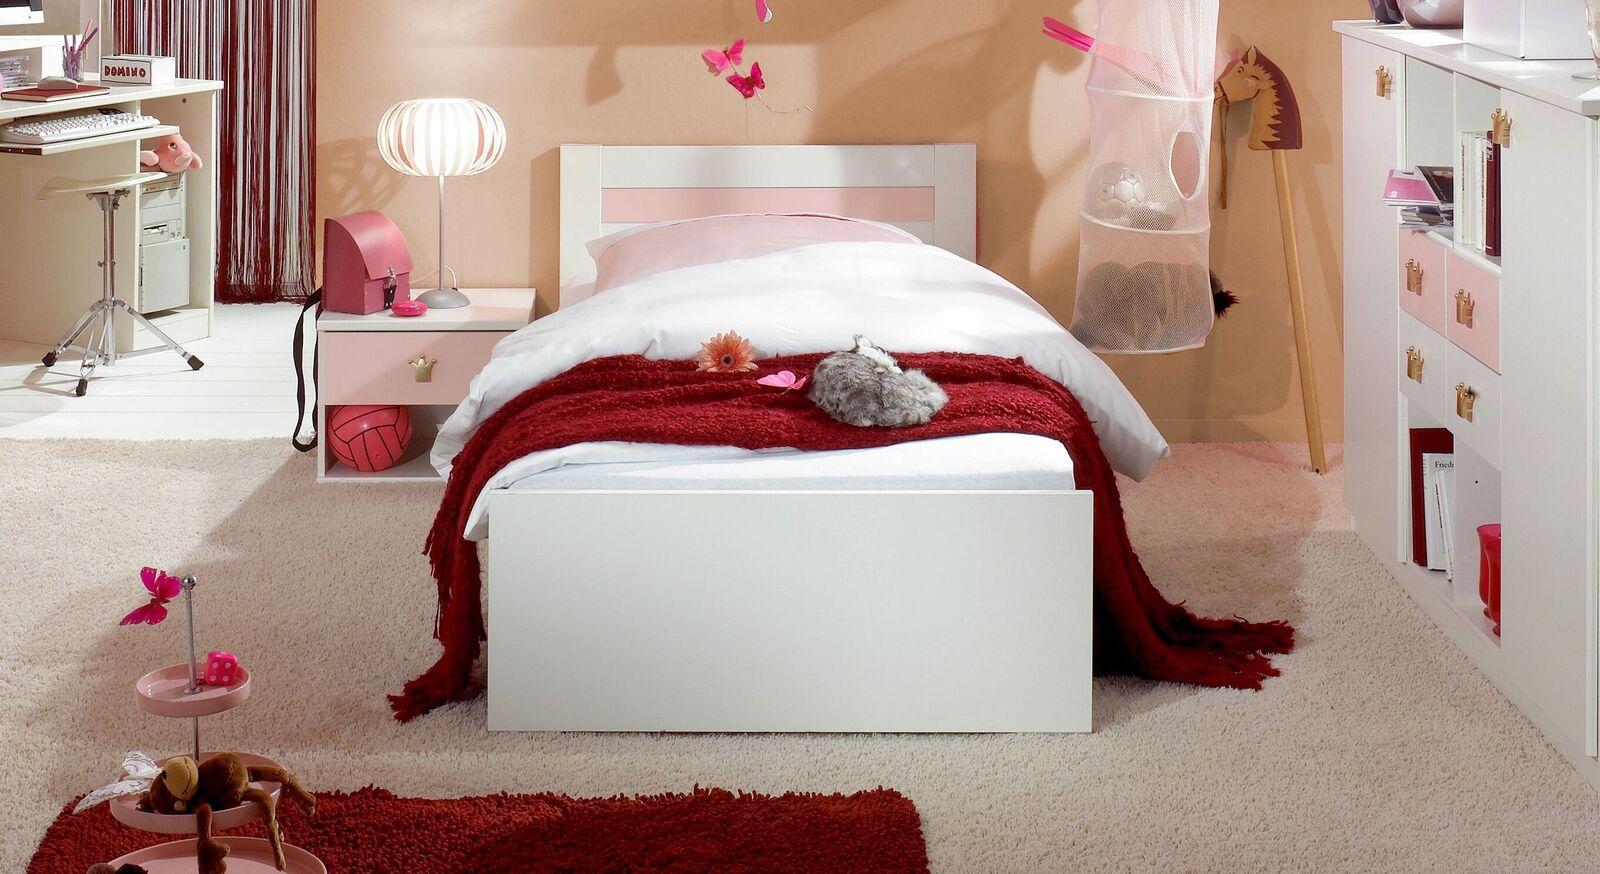 Full Size of Kinderbett Fr Mdchen In 90x200 Cm Z B Mit Schubladen Embala Wohnzimmer Mädchenbetten